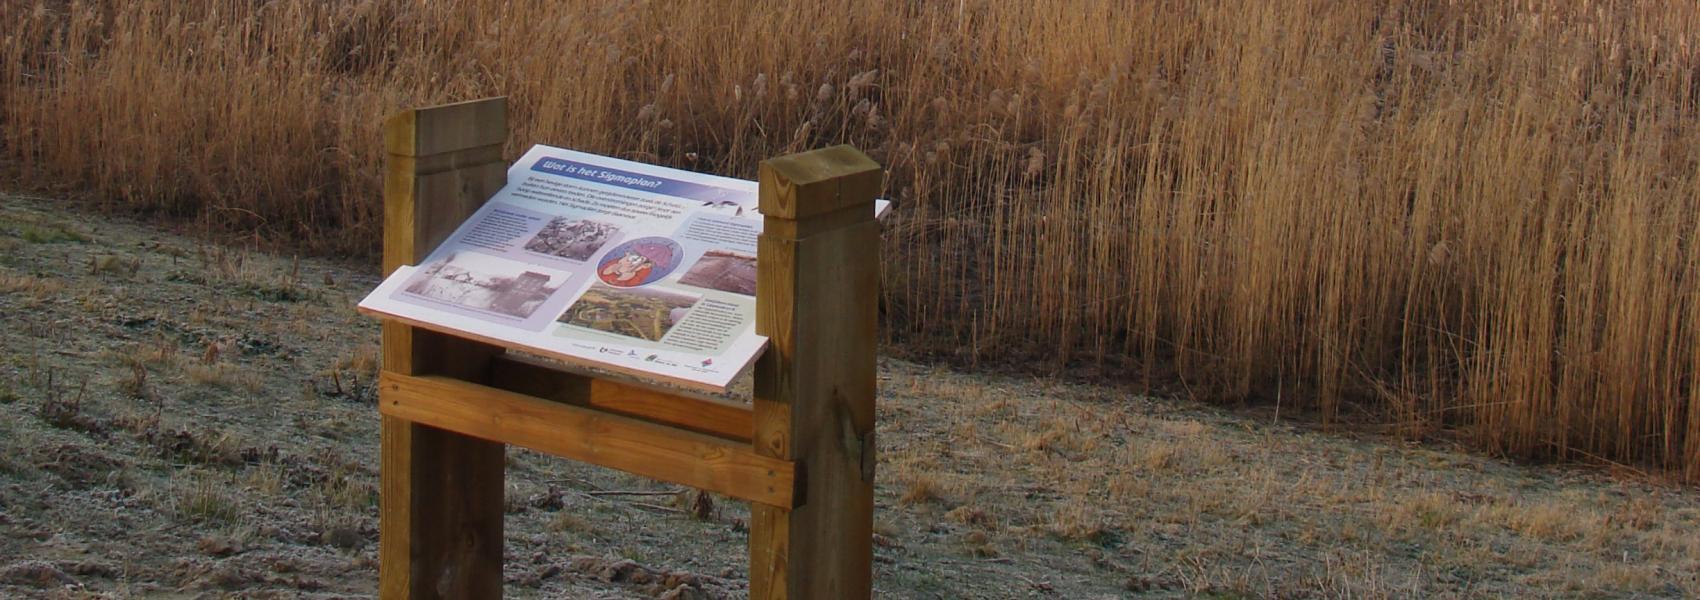 leerpadbord met op de achtergrond het landschap